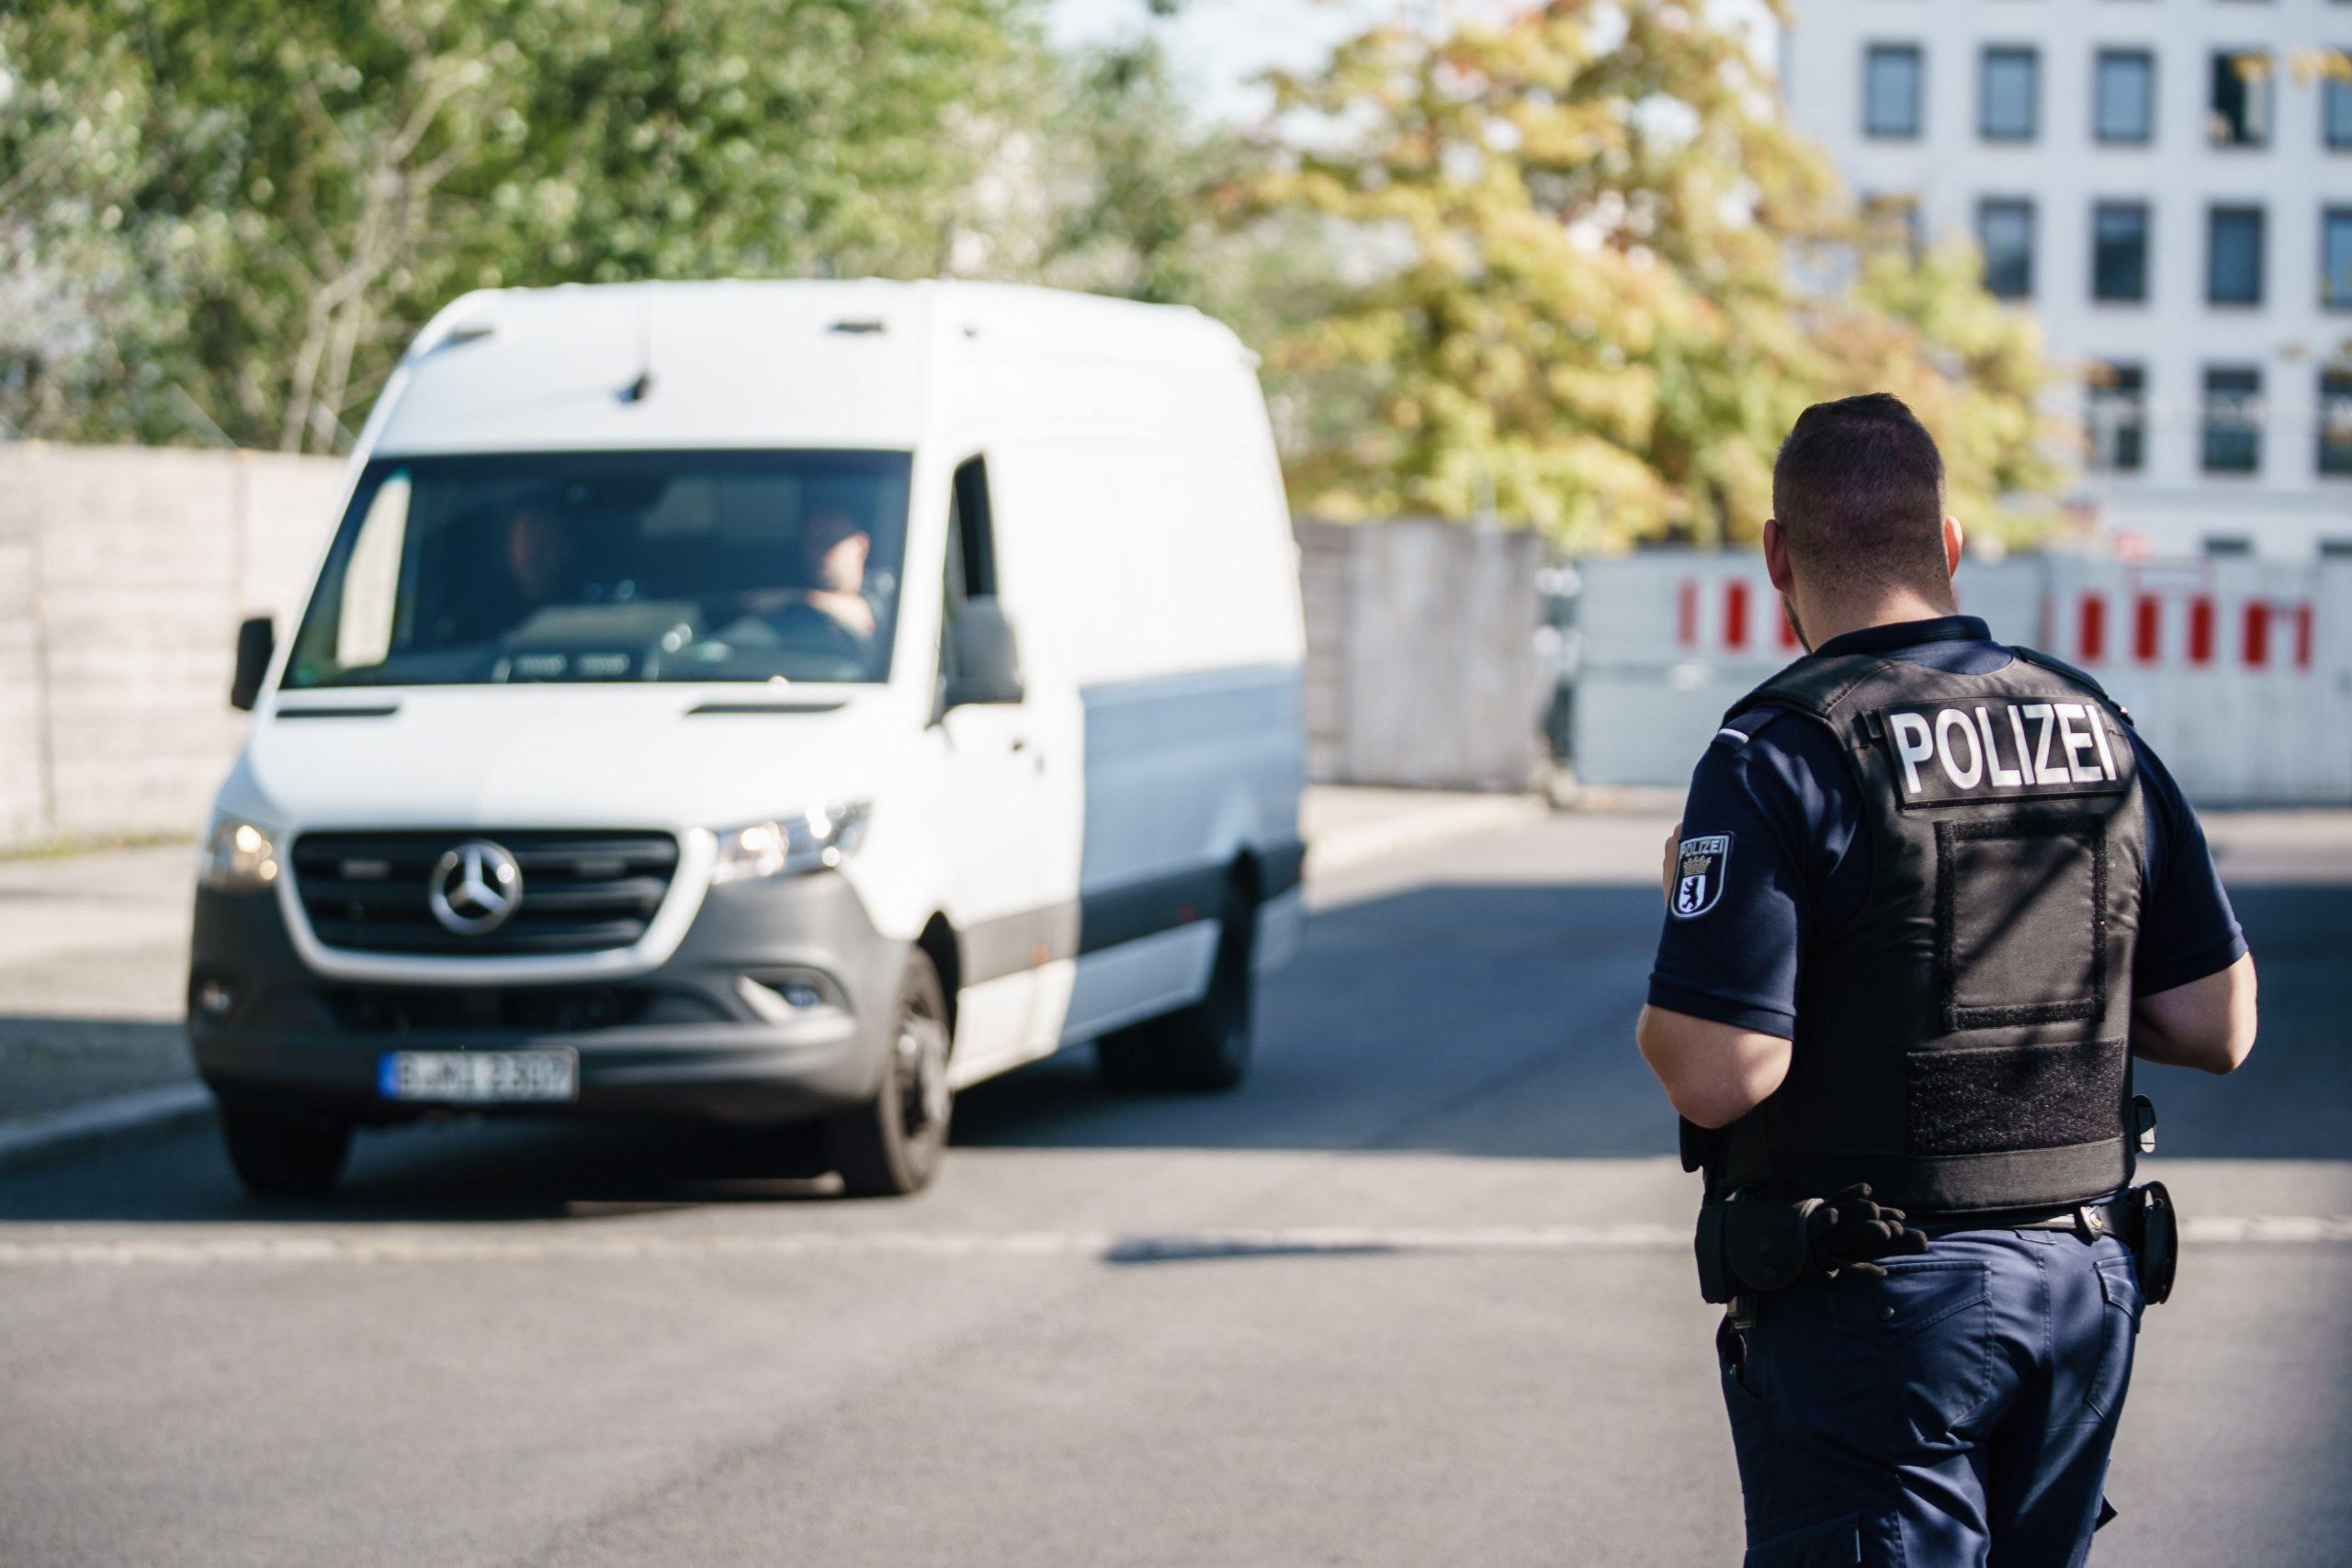 Ungarischer Menschenschmuggler in Deutschland festgenommen